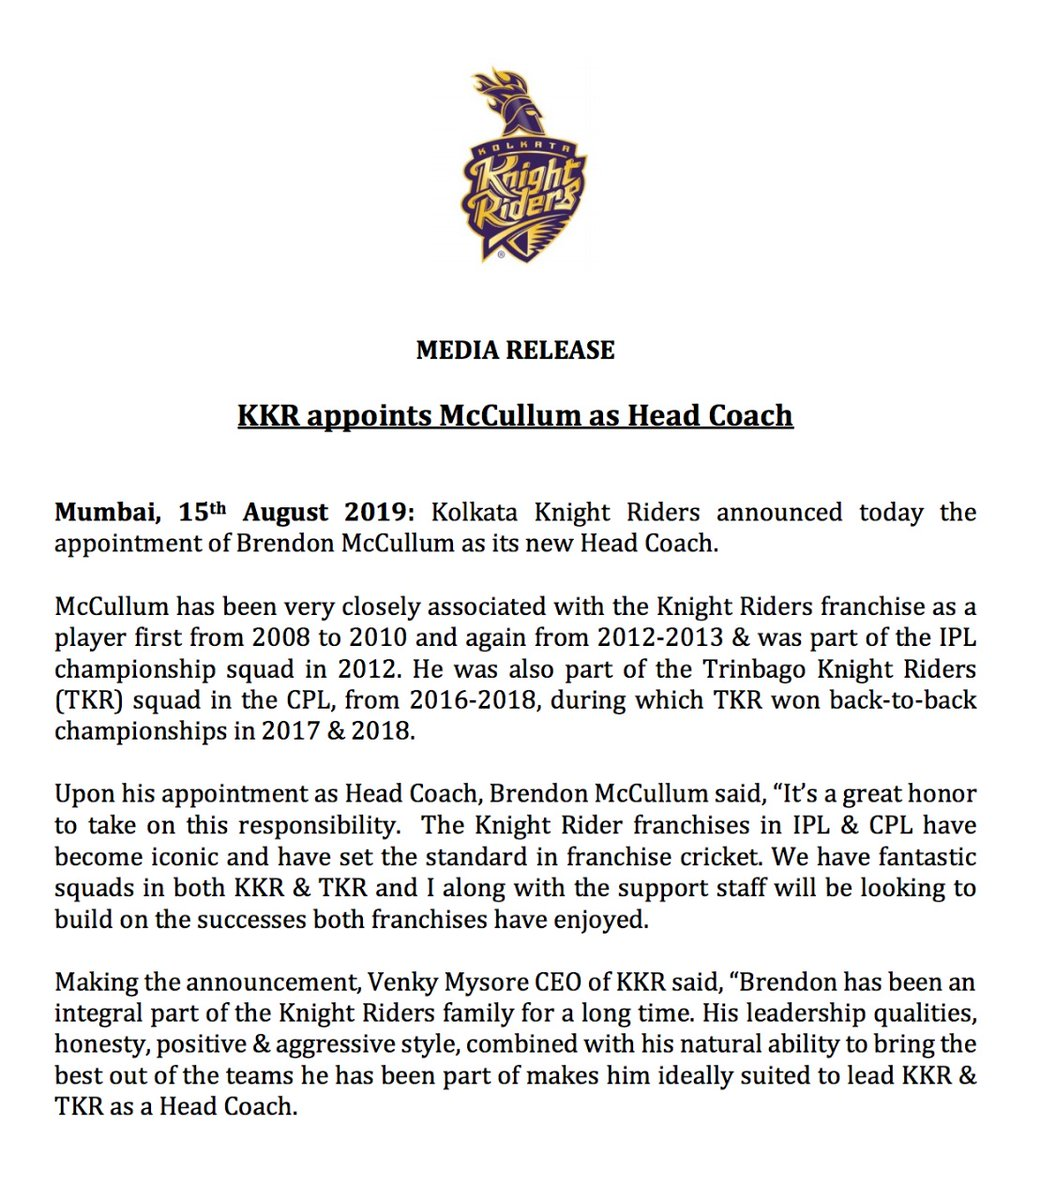 कोलकाता नाइट राइडर्स ने ब्रेंडन मैकुलम को बनाया अपनी टीम का हेड कोच 1